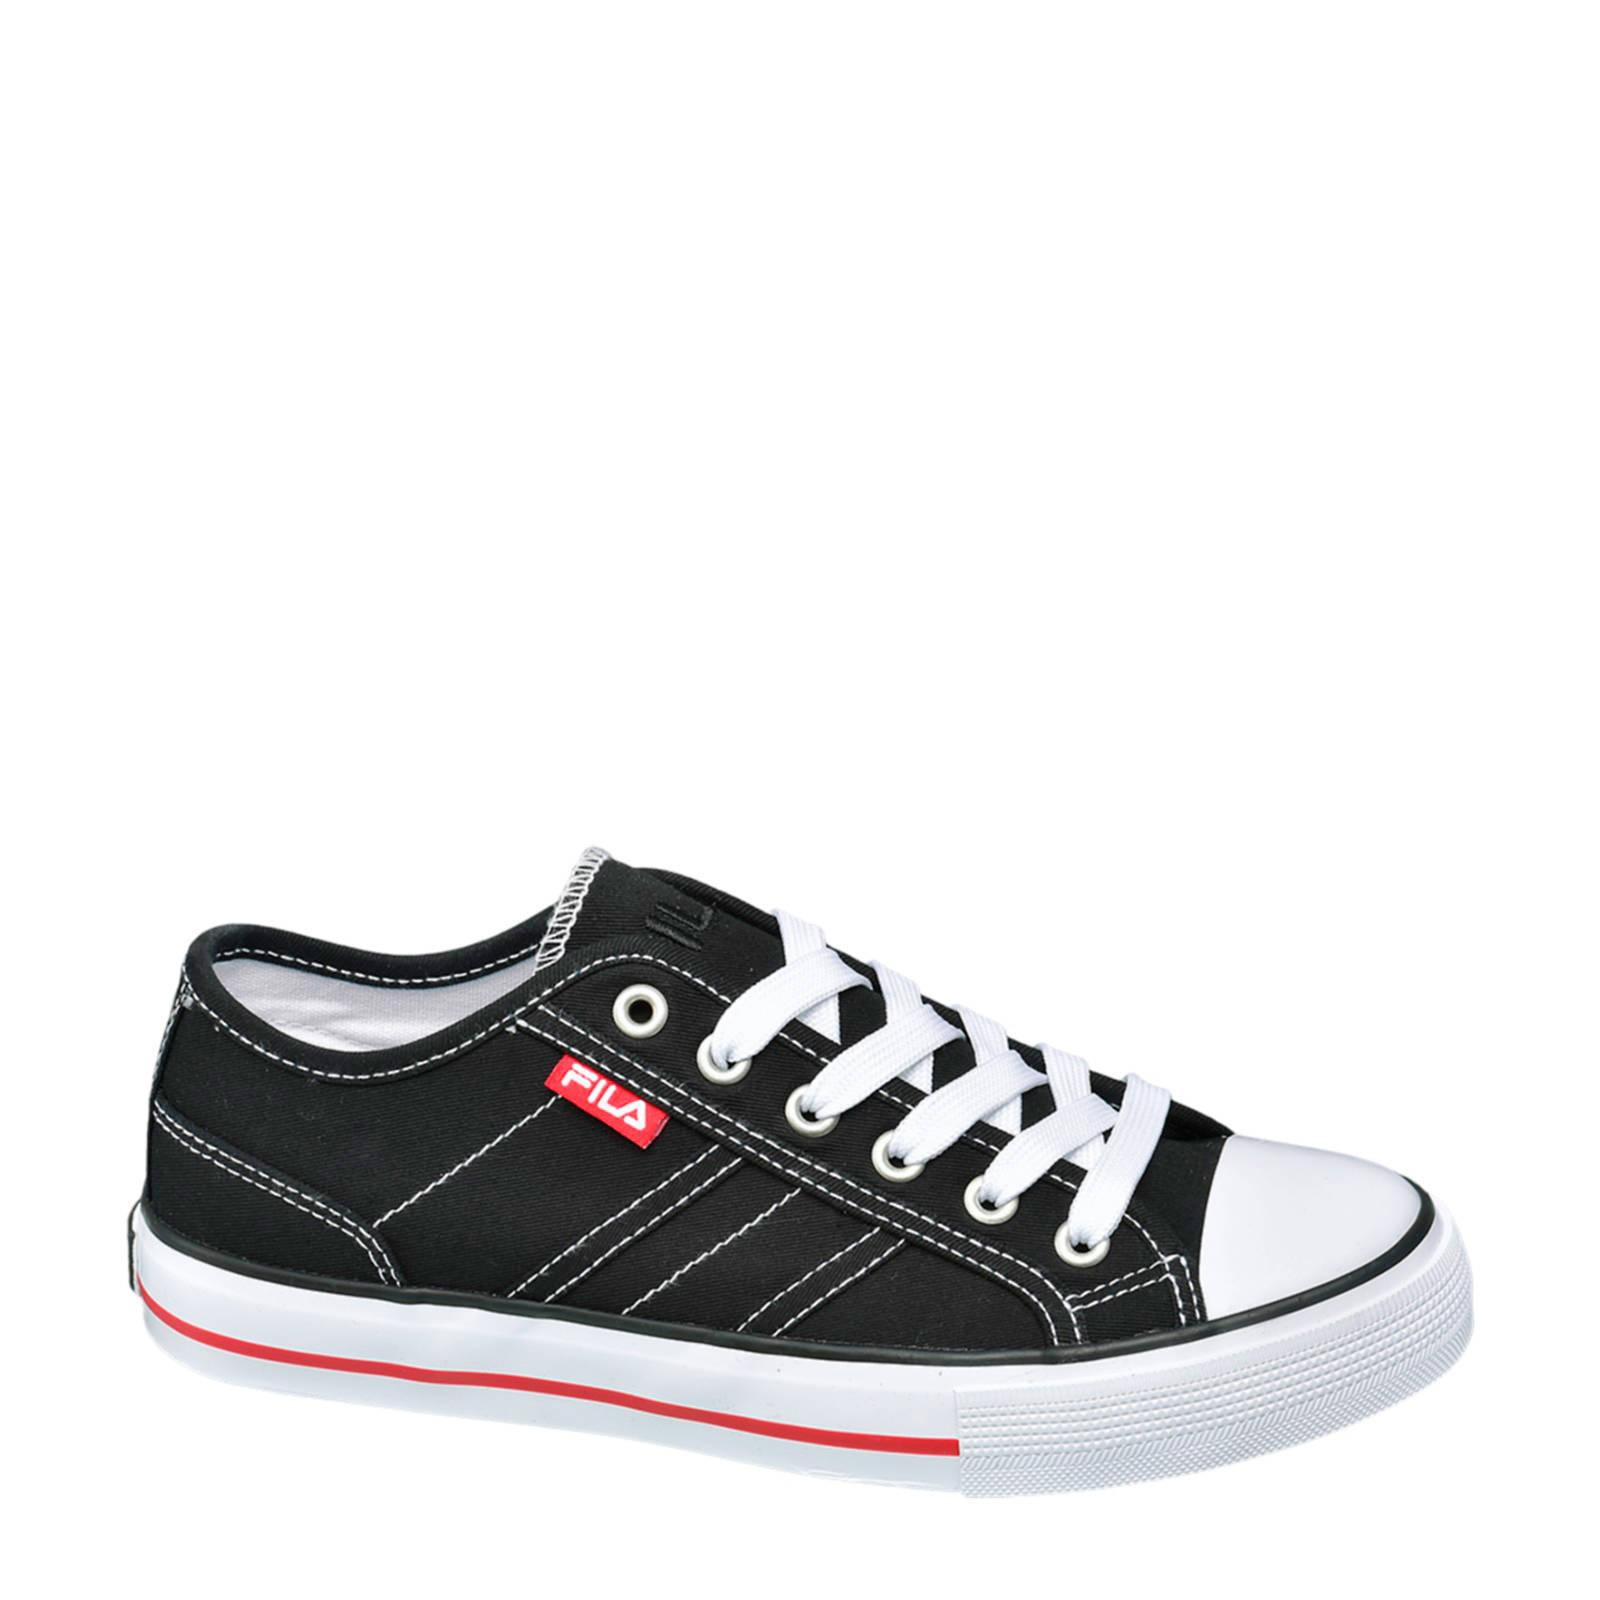 hot sale online 7ae00 a48d1 fila-canvas-sneakers-zwart-zwart-4059894554287.jpg